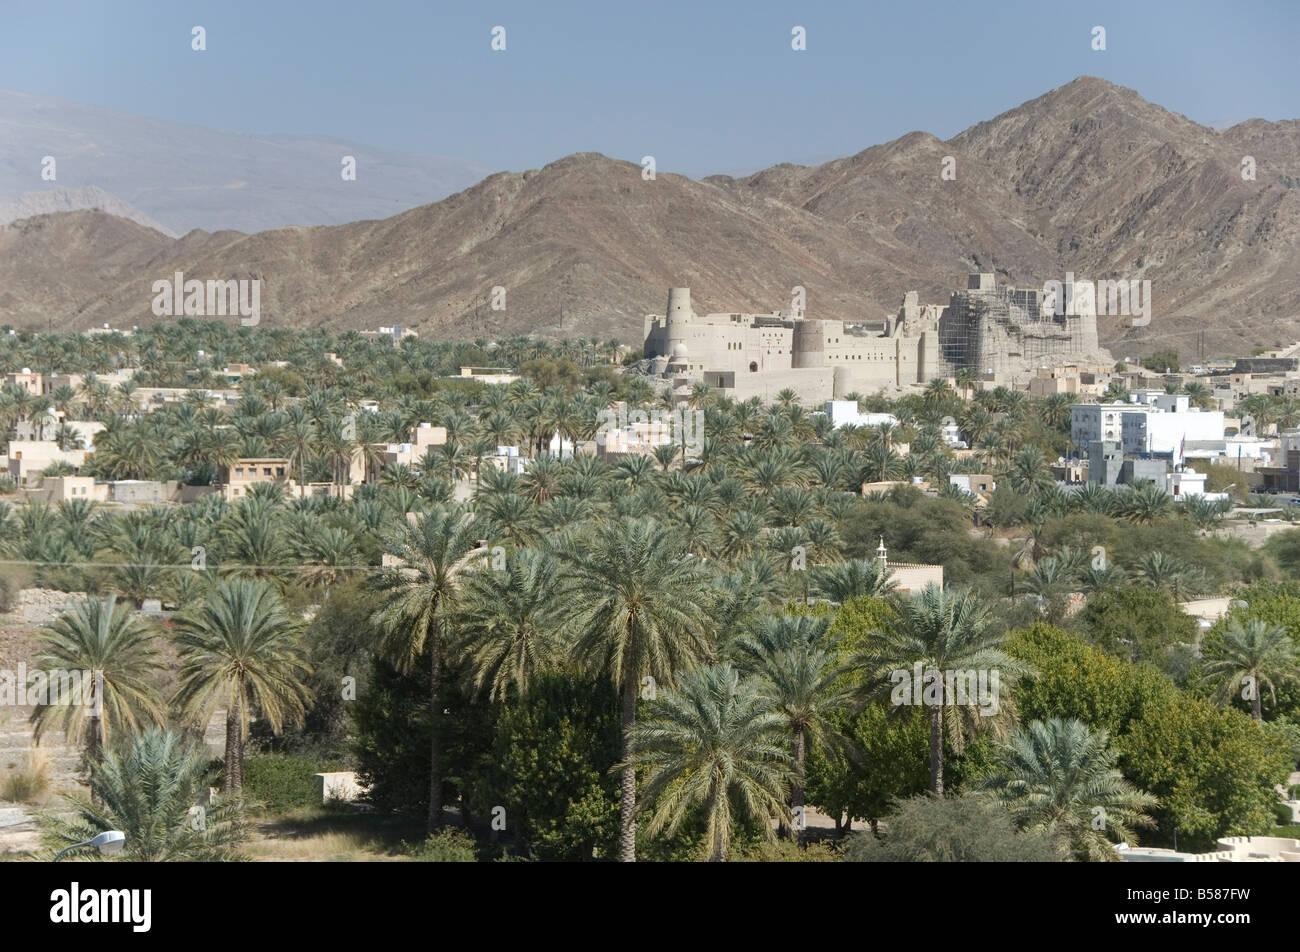 Fort en palmery sur le bord de l'oasis de Bahla, ville moderne, Oman, Middle East Photo Stock